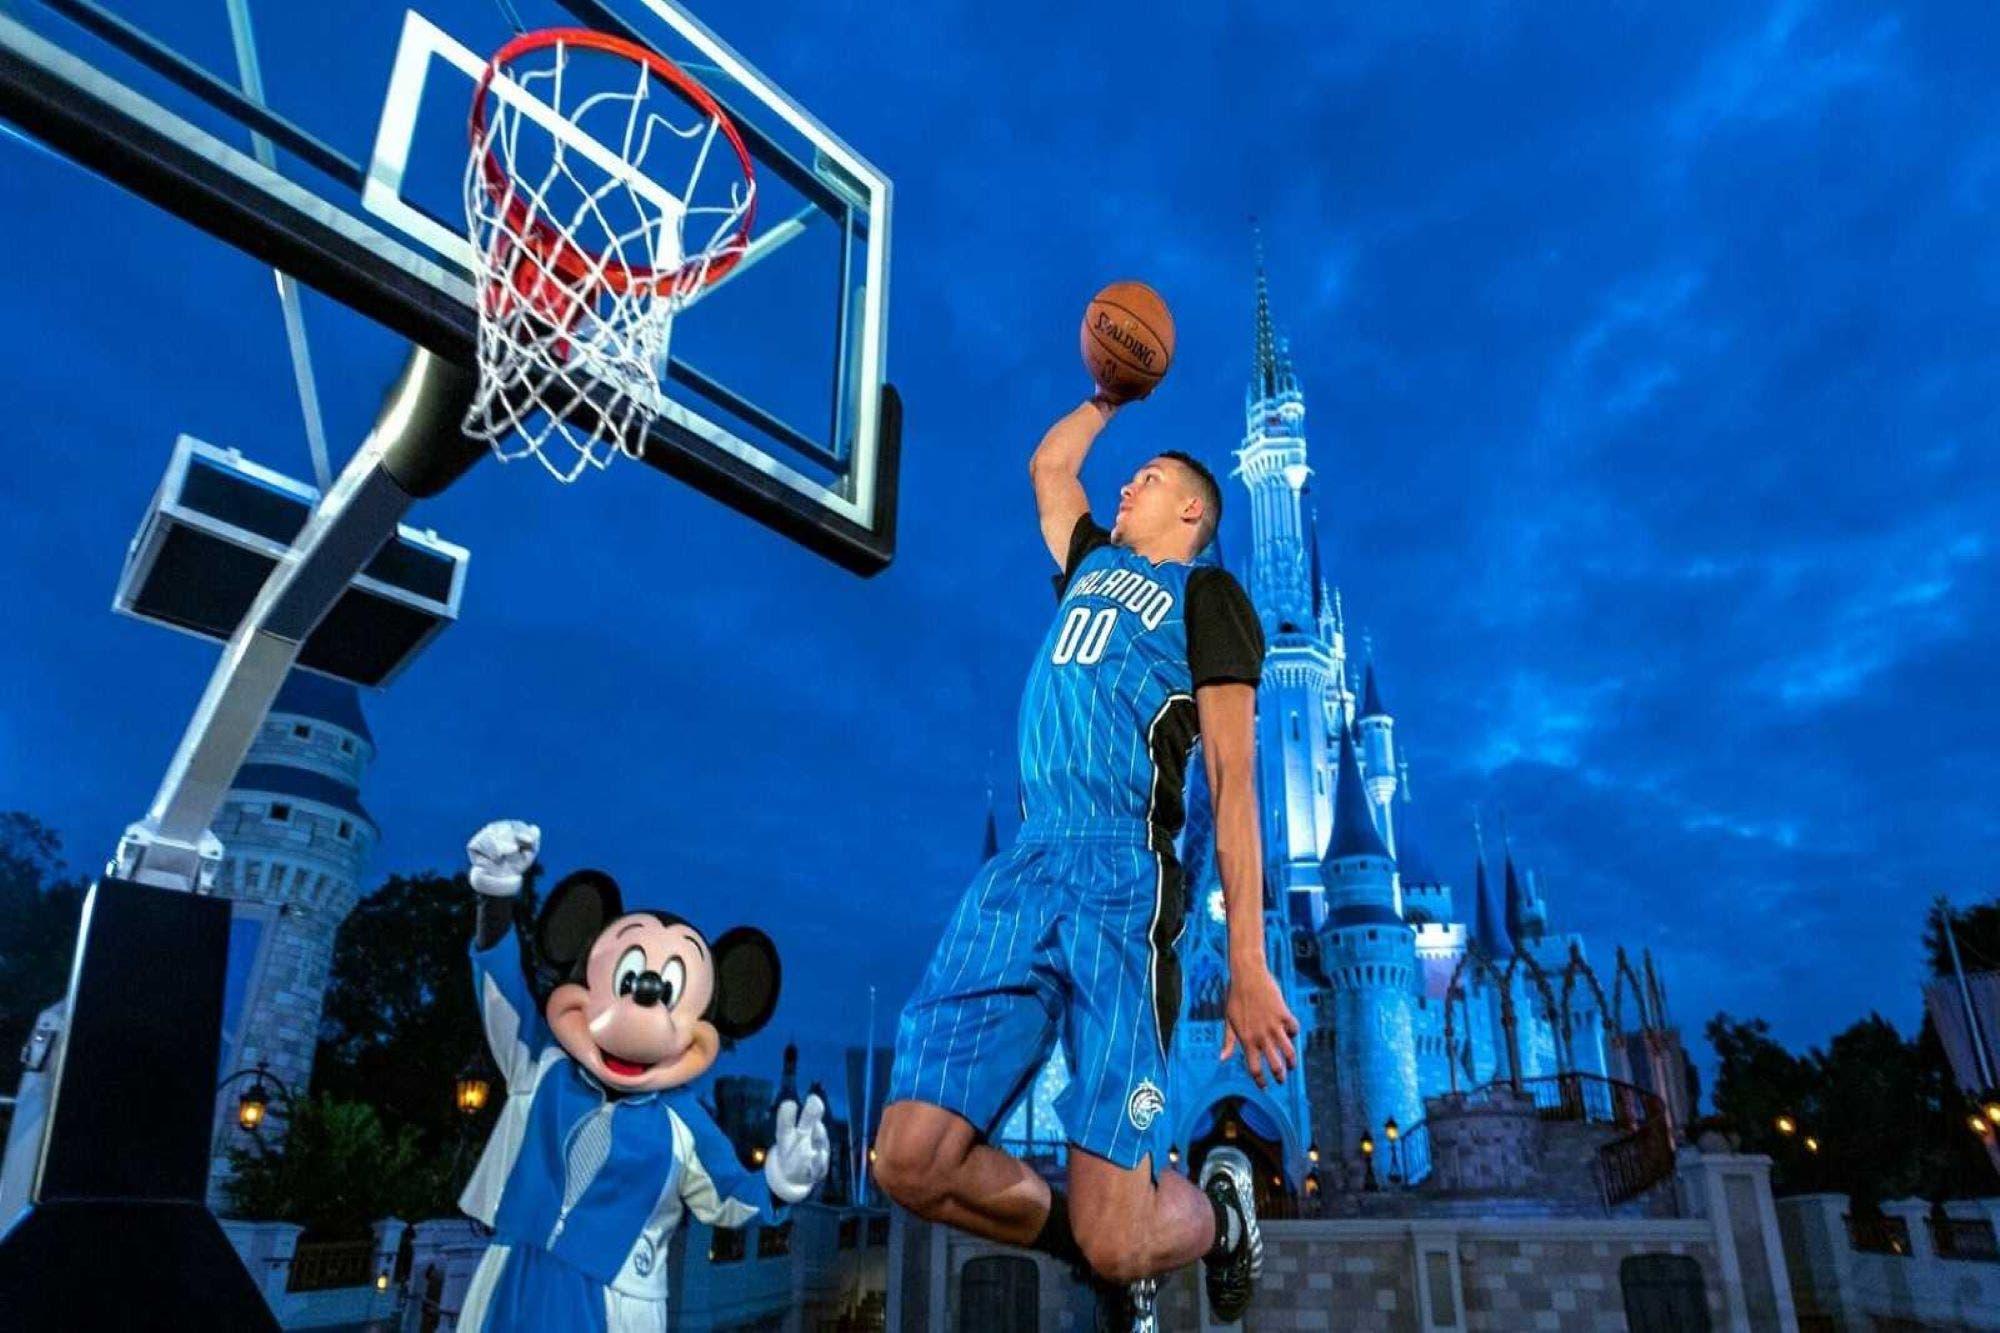 La NBA se muda a Disney: la fecha de regreso, los equipos que la disputarán y el formato de competencia